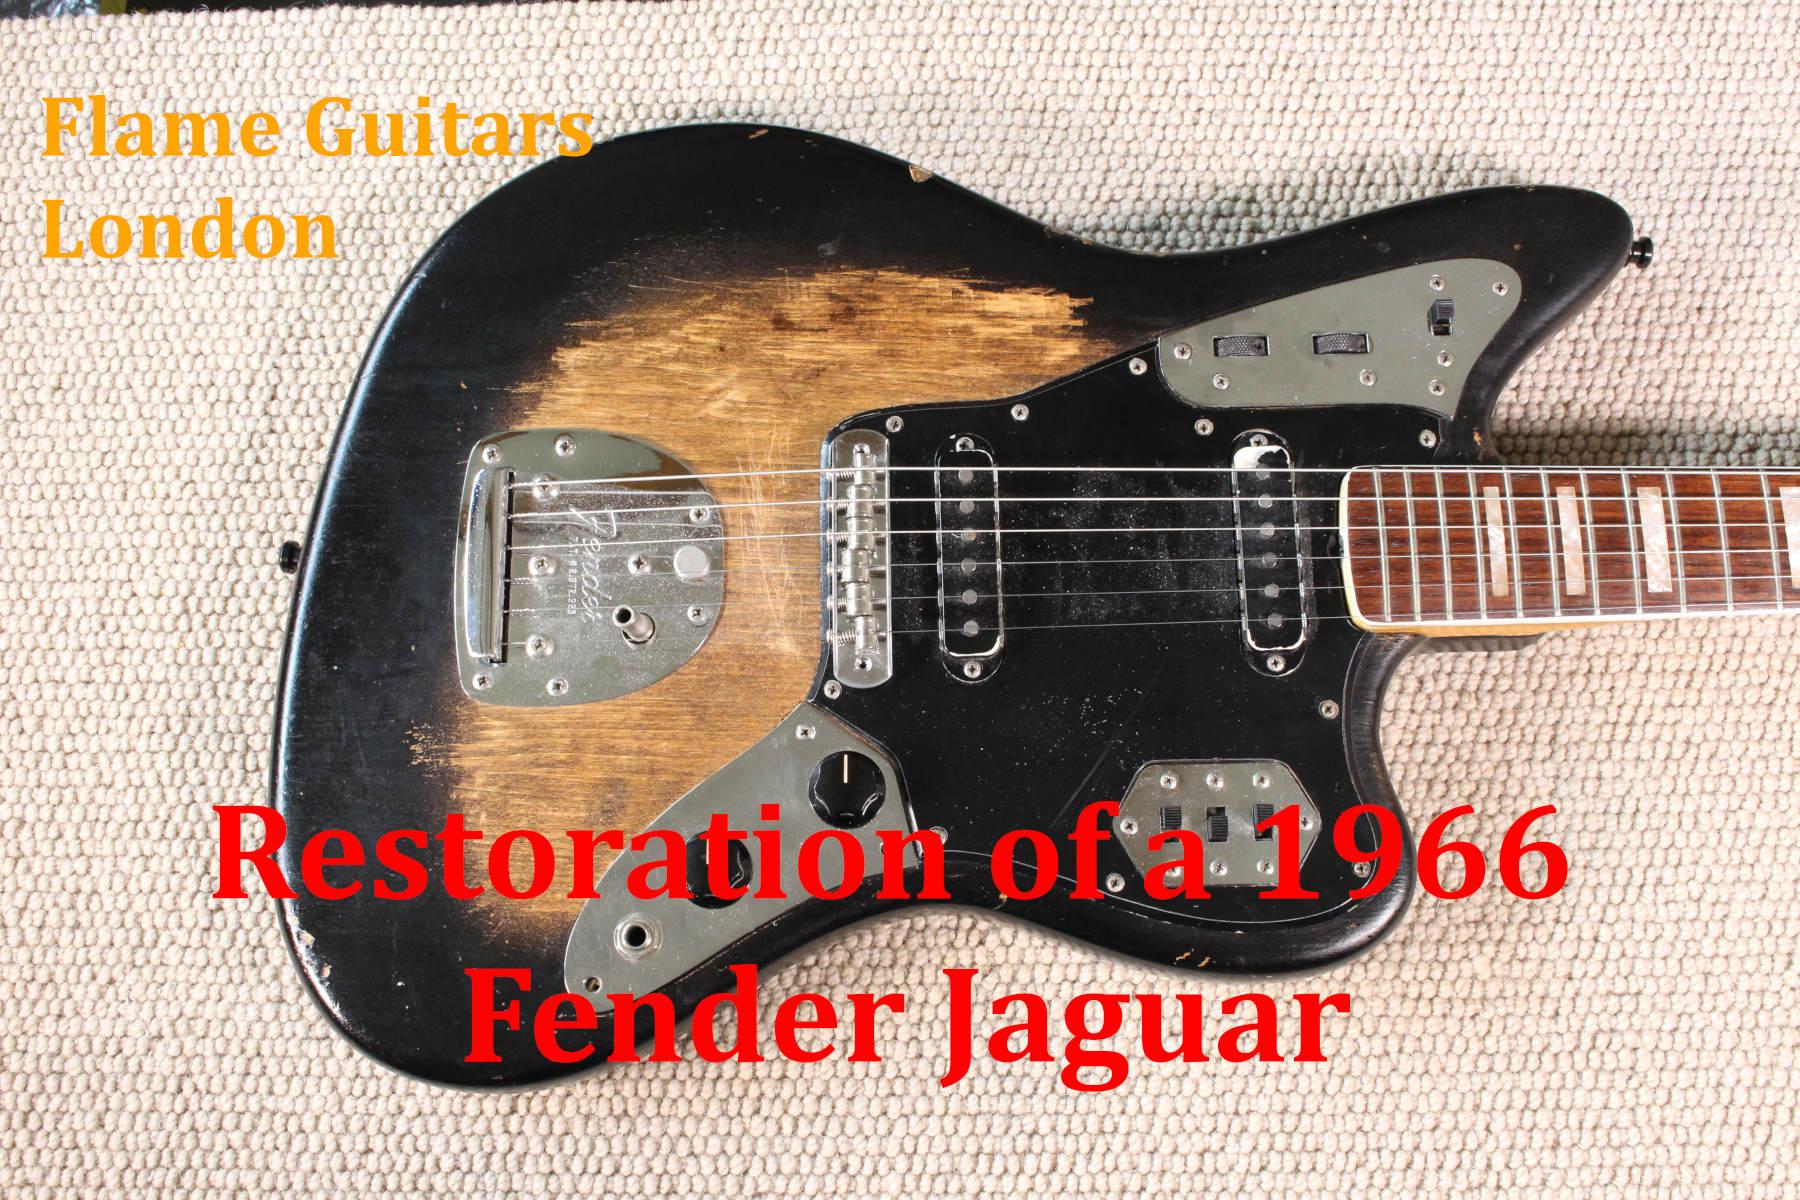 vintage fender jaguar wiring restoration of a 1966 fender jaguar flame guitars  restoration of a 1966 fender jaguar